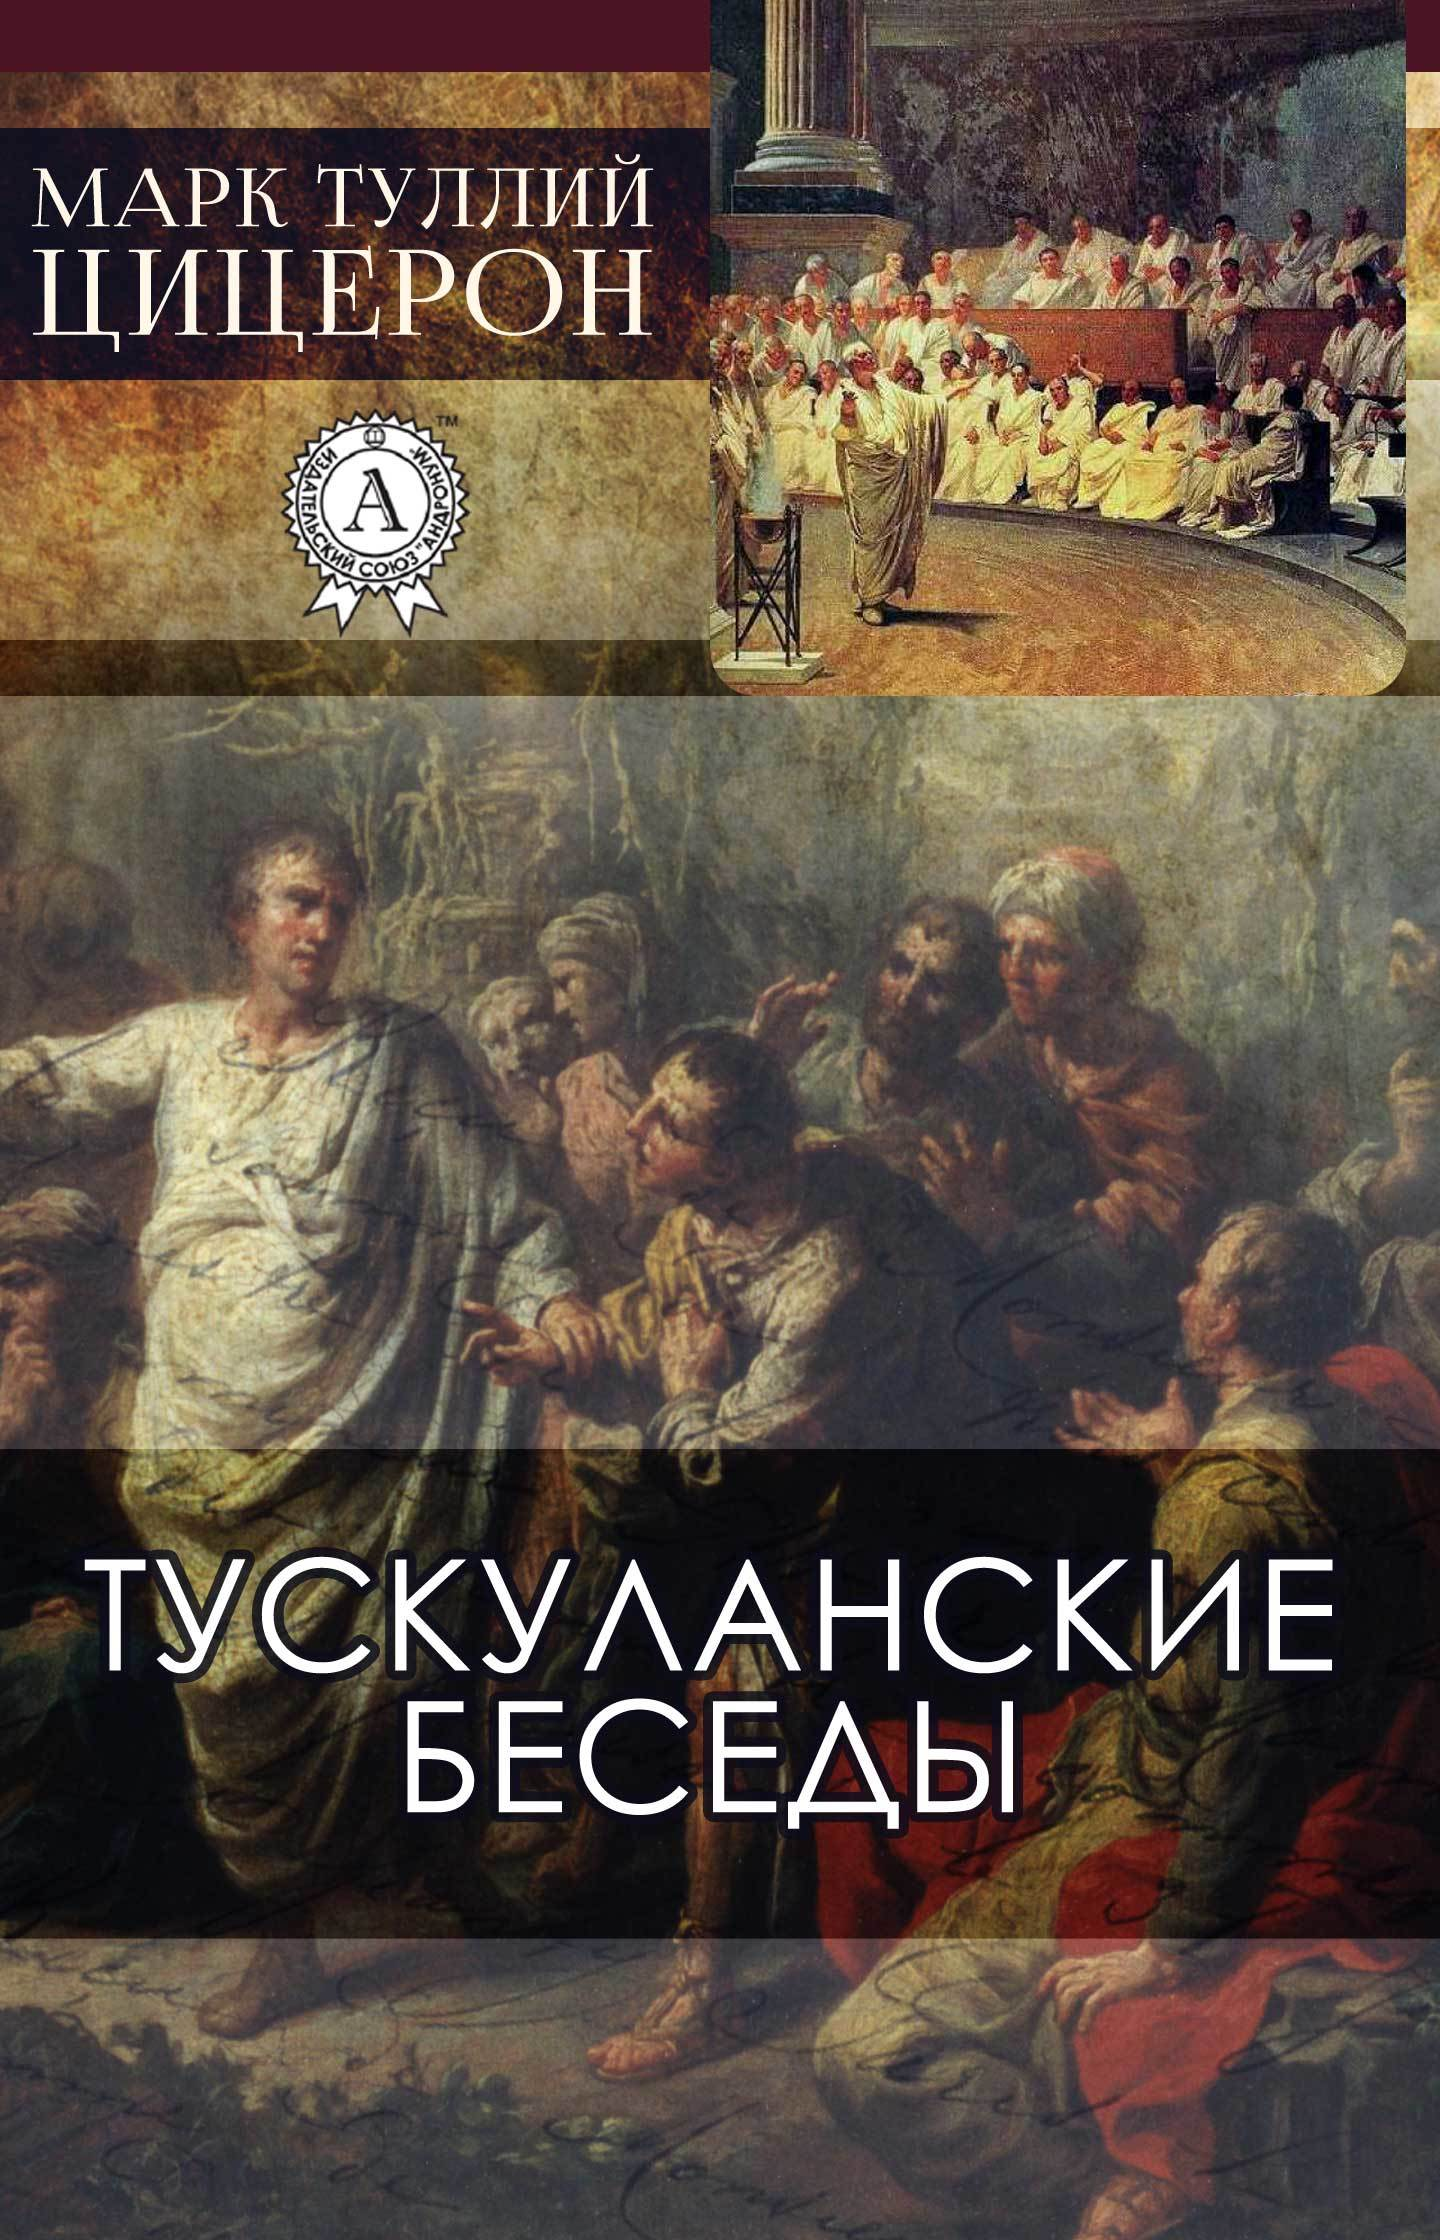 Марк Туллий Цицерон Тускуланские беседы марк туллий цицерон его жизнь и деятельность